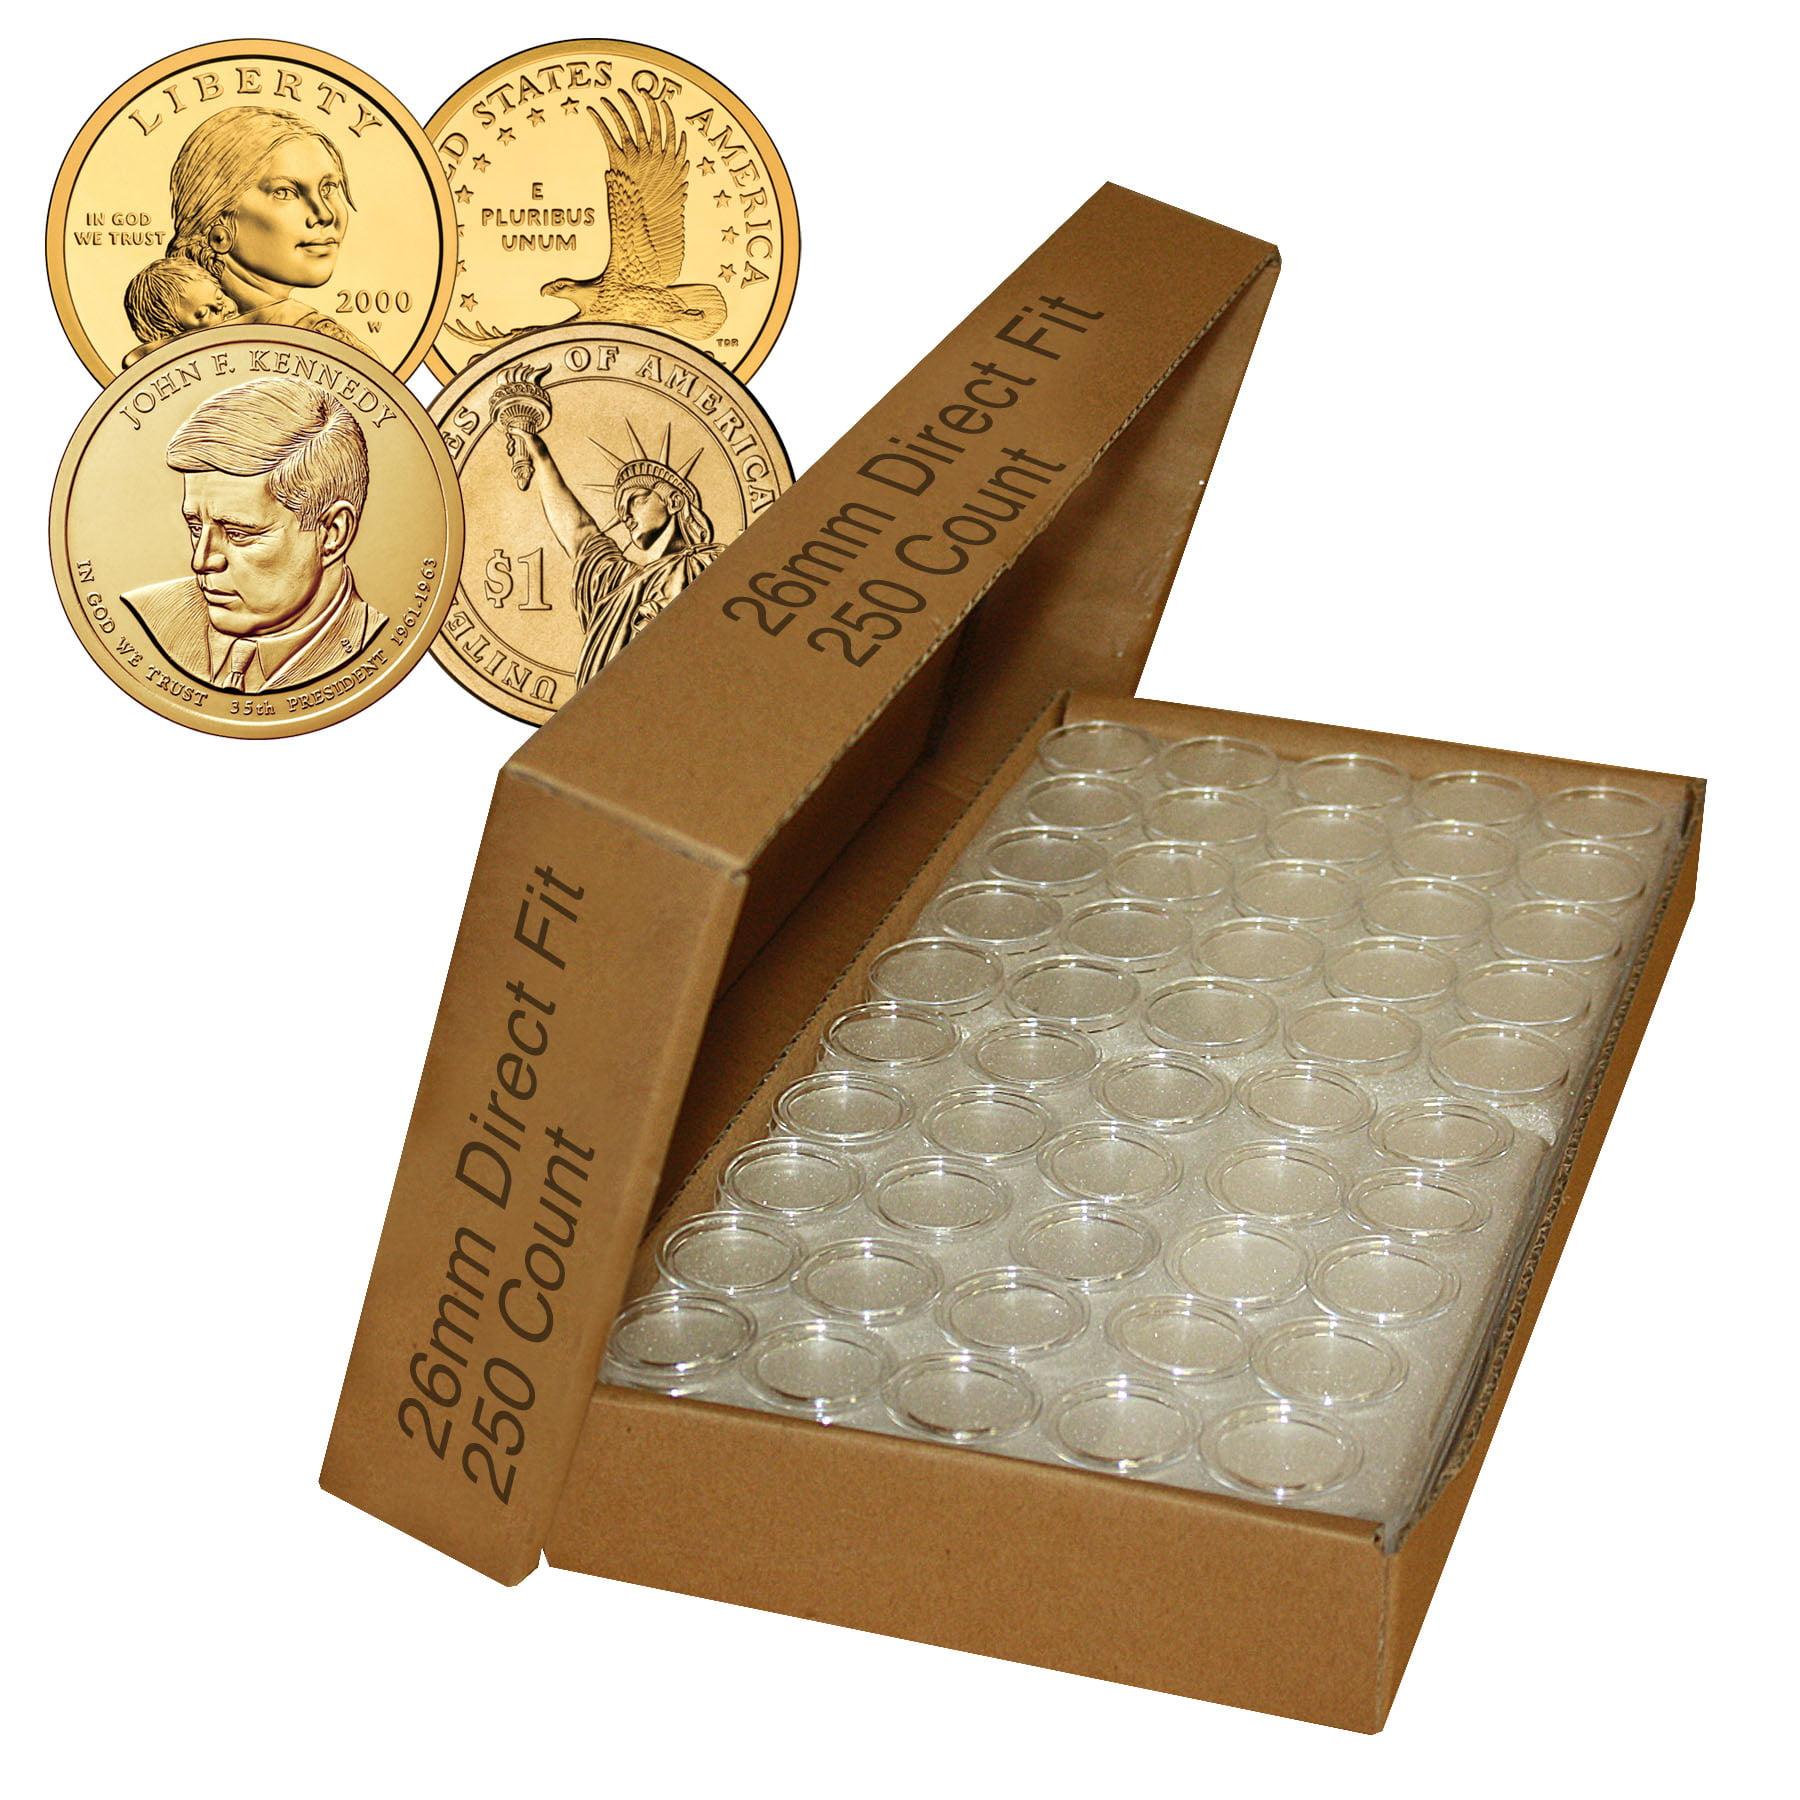 50 26mm Air-Tite Air Tite Airtite Coin Capsules for Small Dollars A26